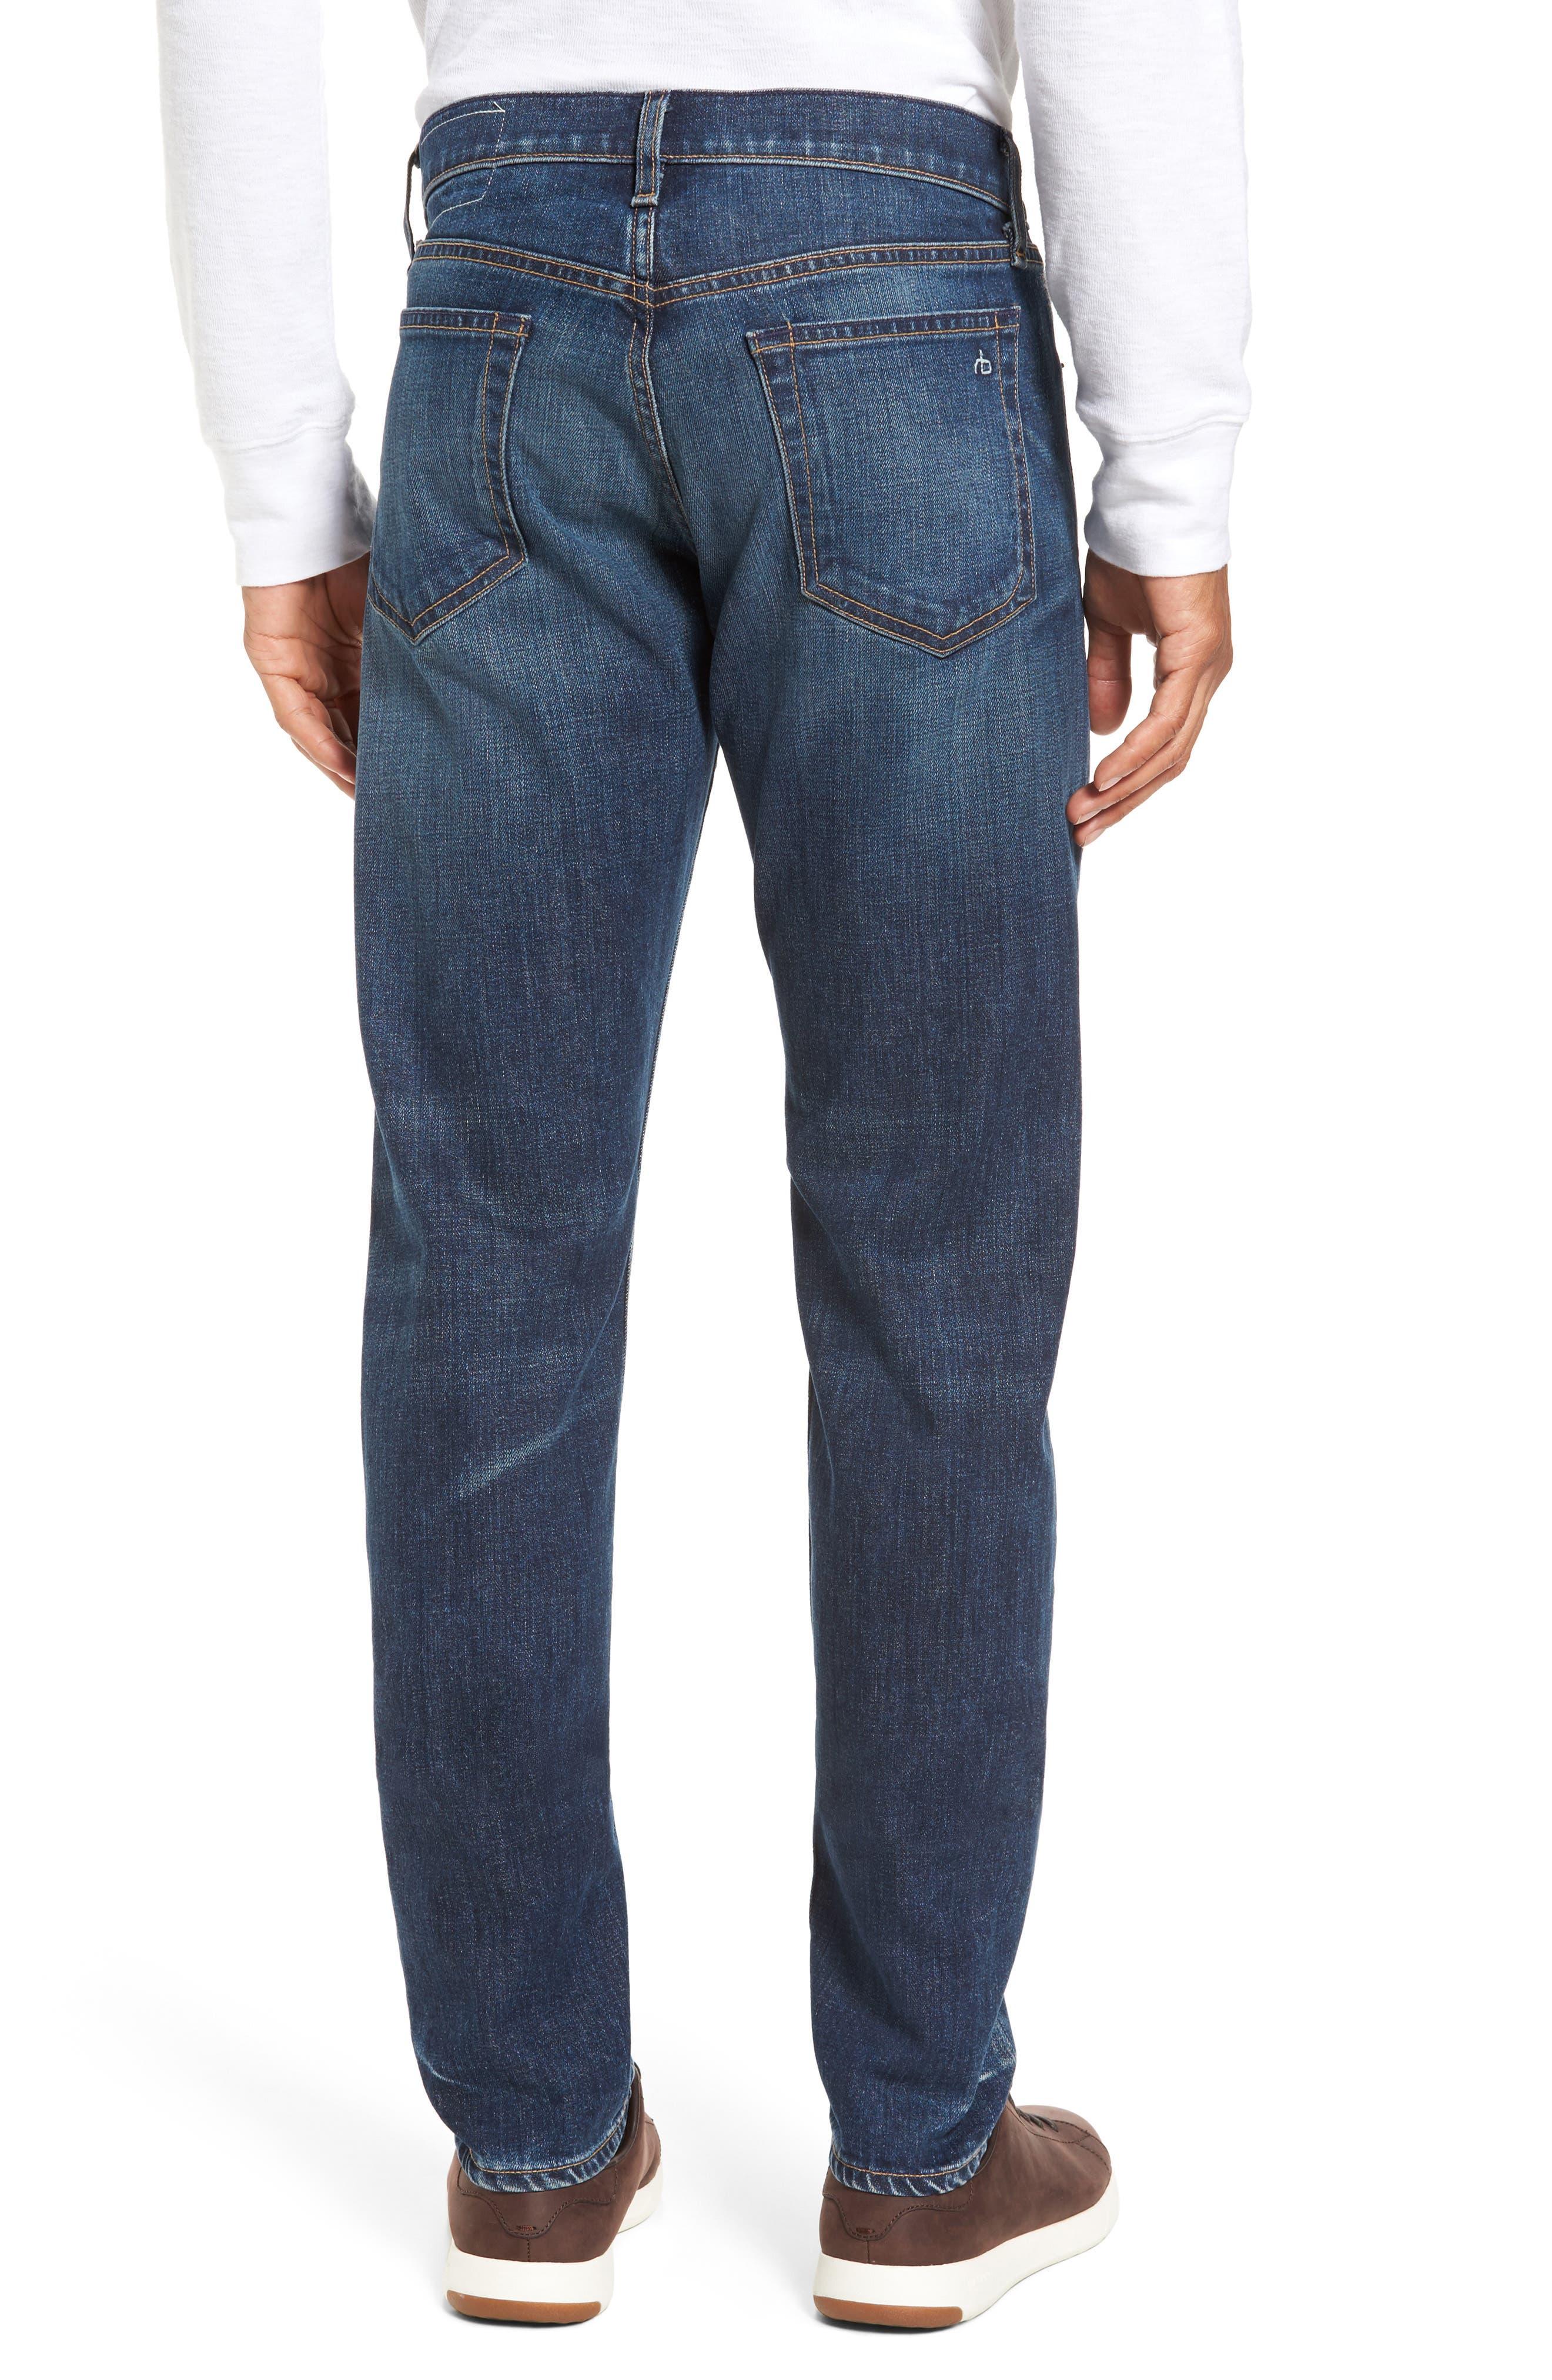 Fit 2 Slim Fit Jeans,                             Alternate thumbnail 2, color,                             LINDEN